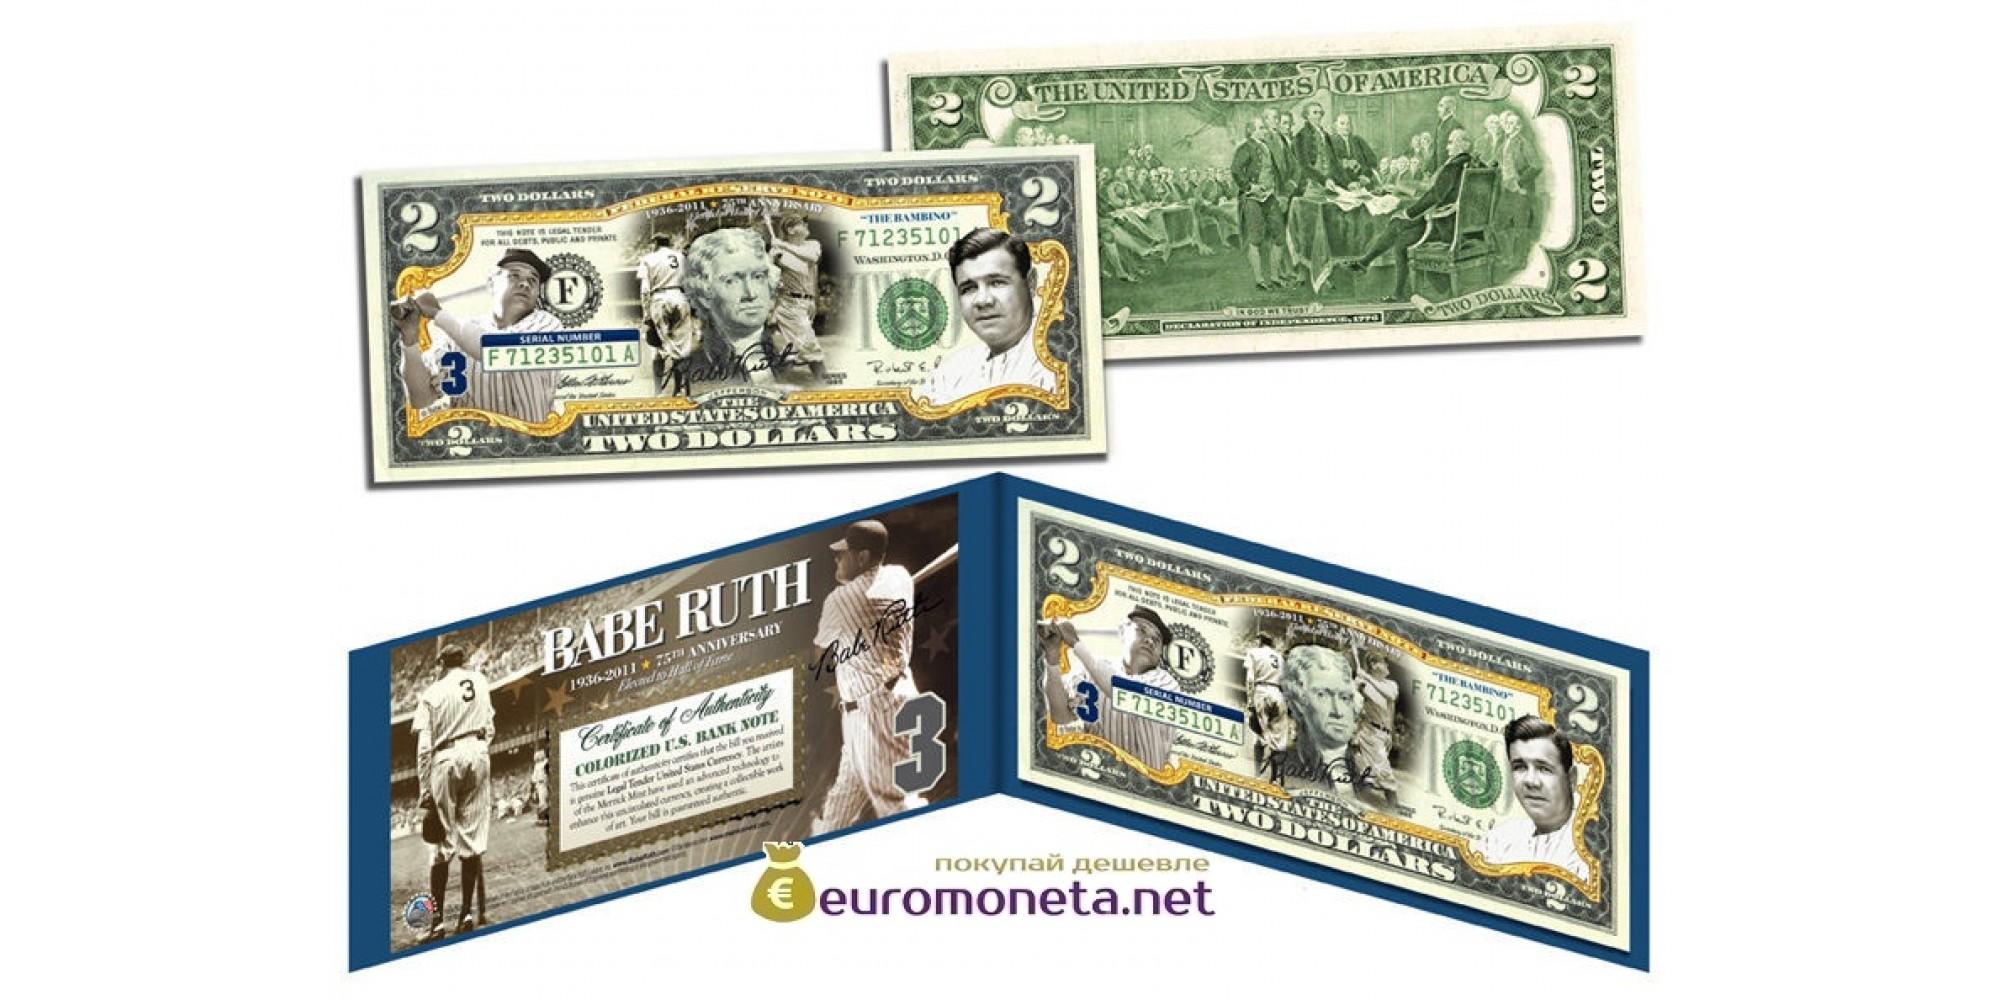 США 2 доллара2003 BABE RUTH Нью-Йорк Янкиз бейсбол фотопечать оригинал